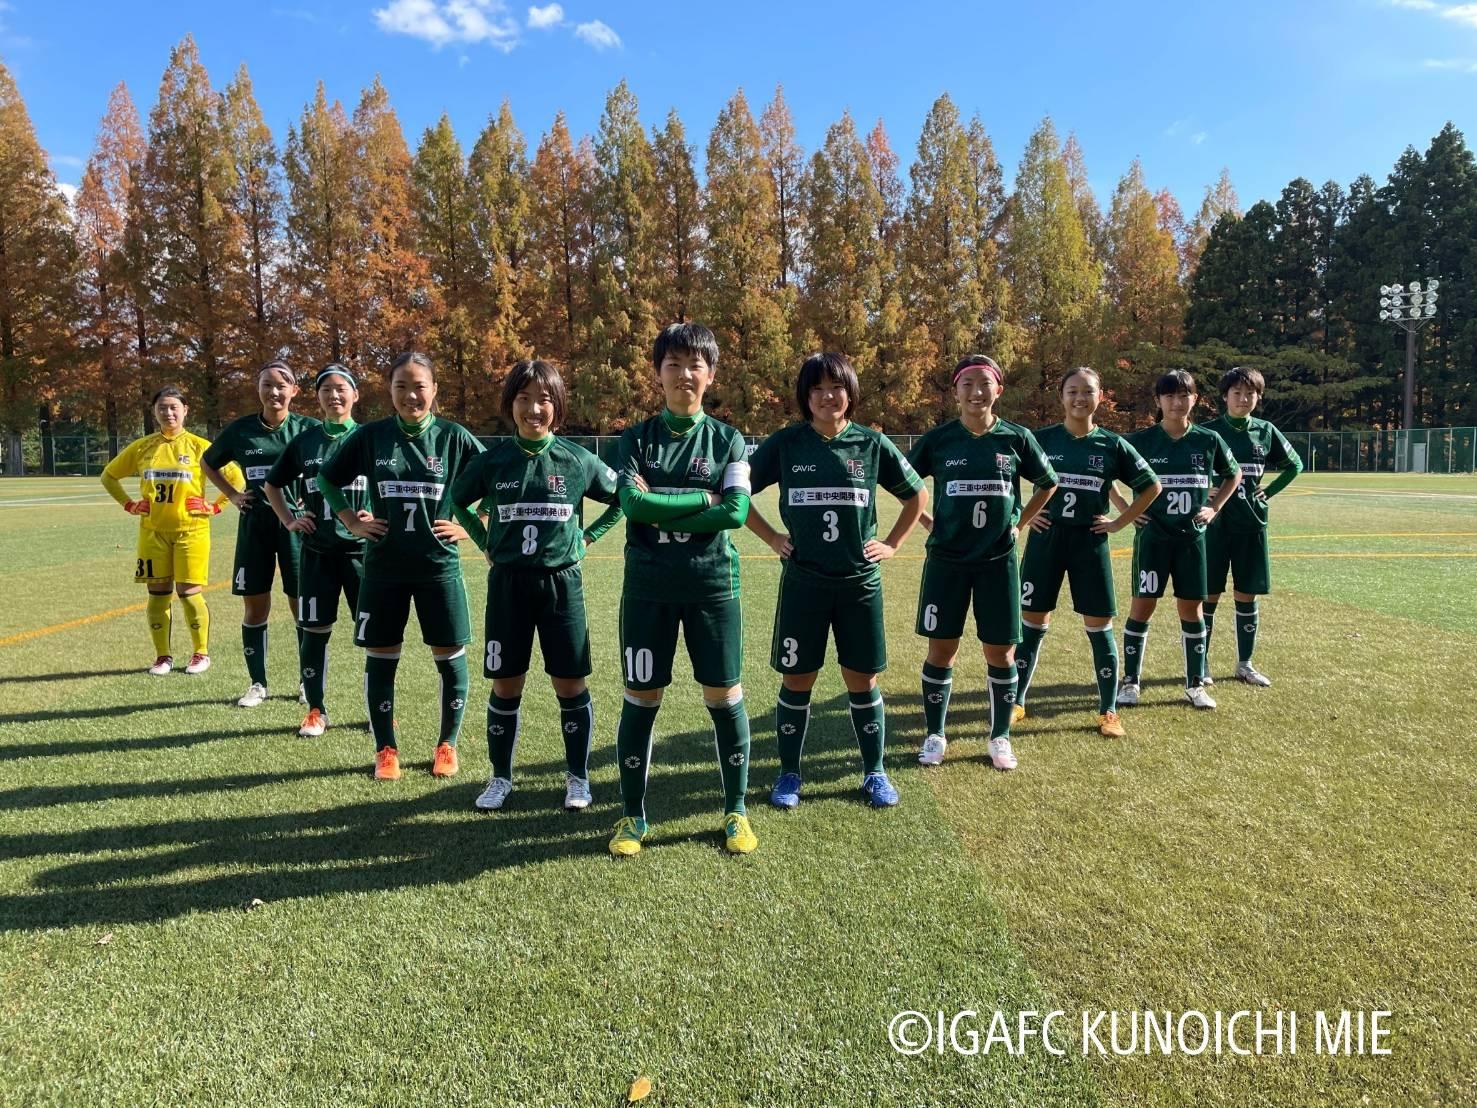 【伊賀FCくノ一三重サテライト】XF CUP 2020 第2回日本クラブユース女子サッカー大会(U-18)東海大会 試合結果